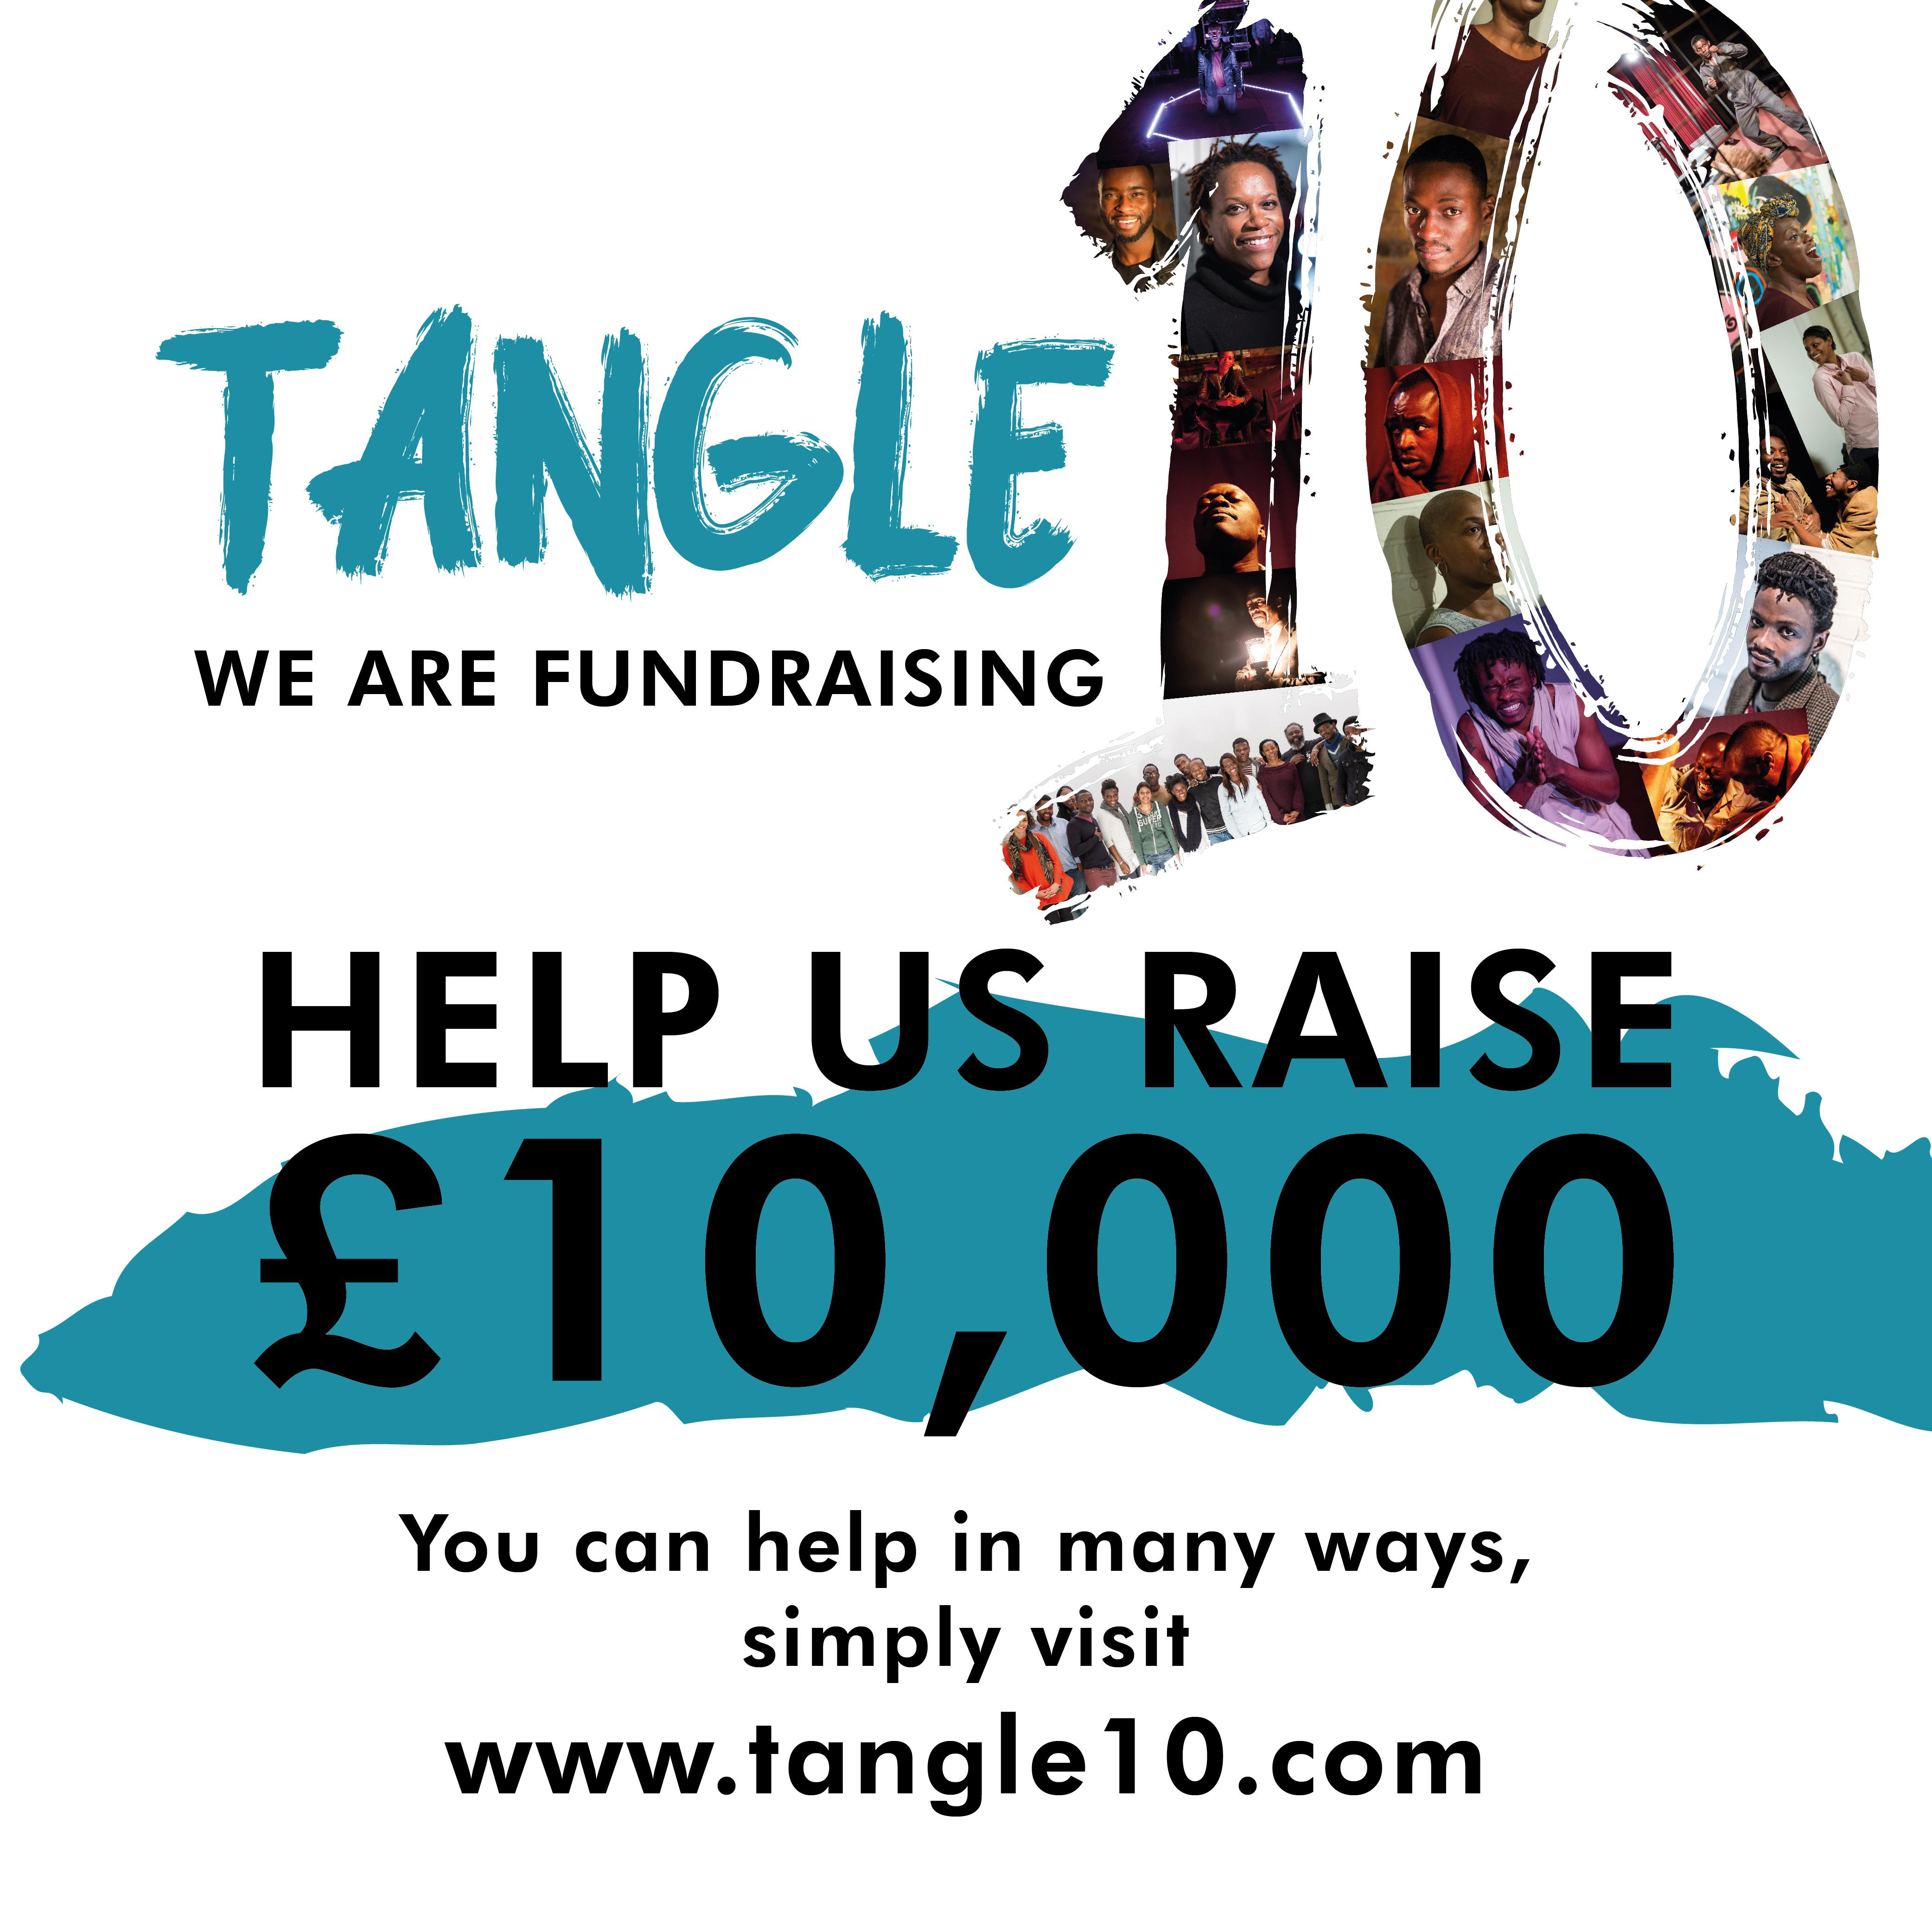 Tangle Social Posts-04